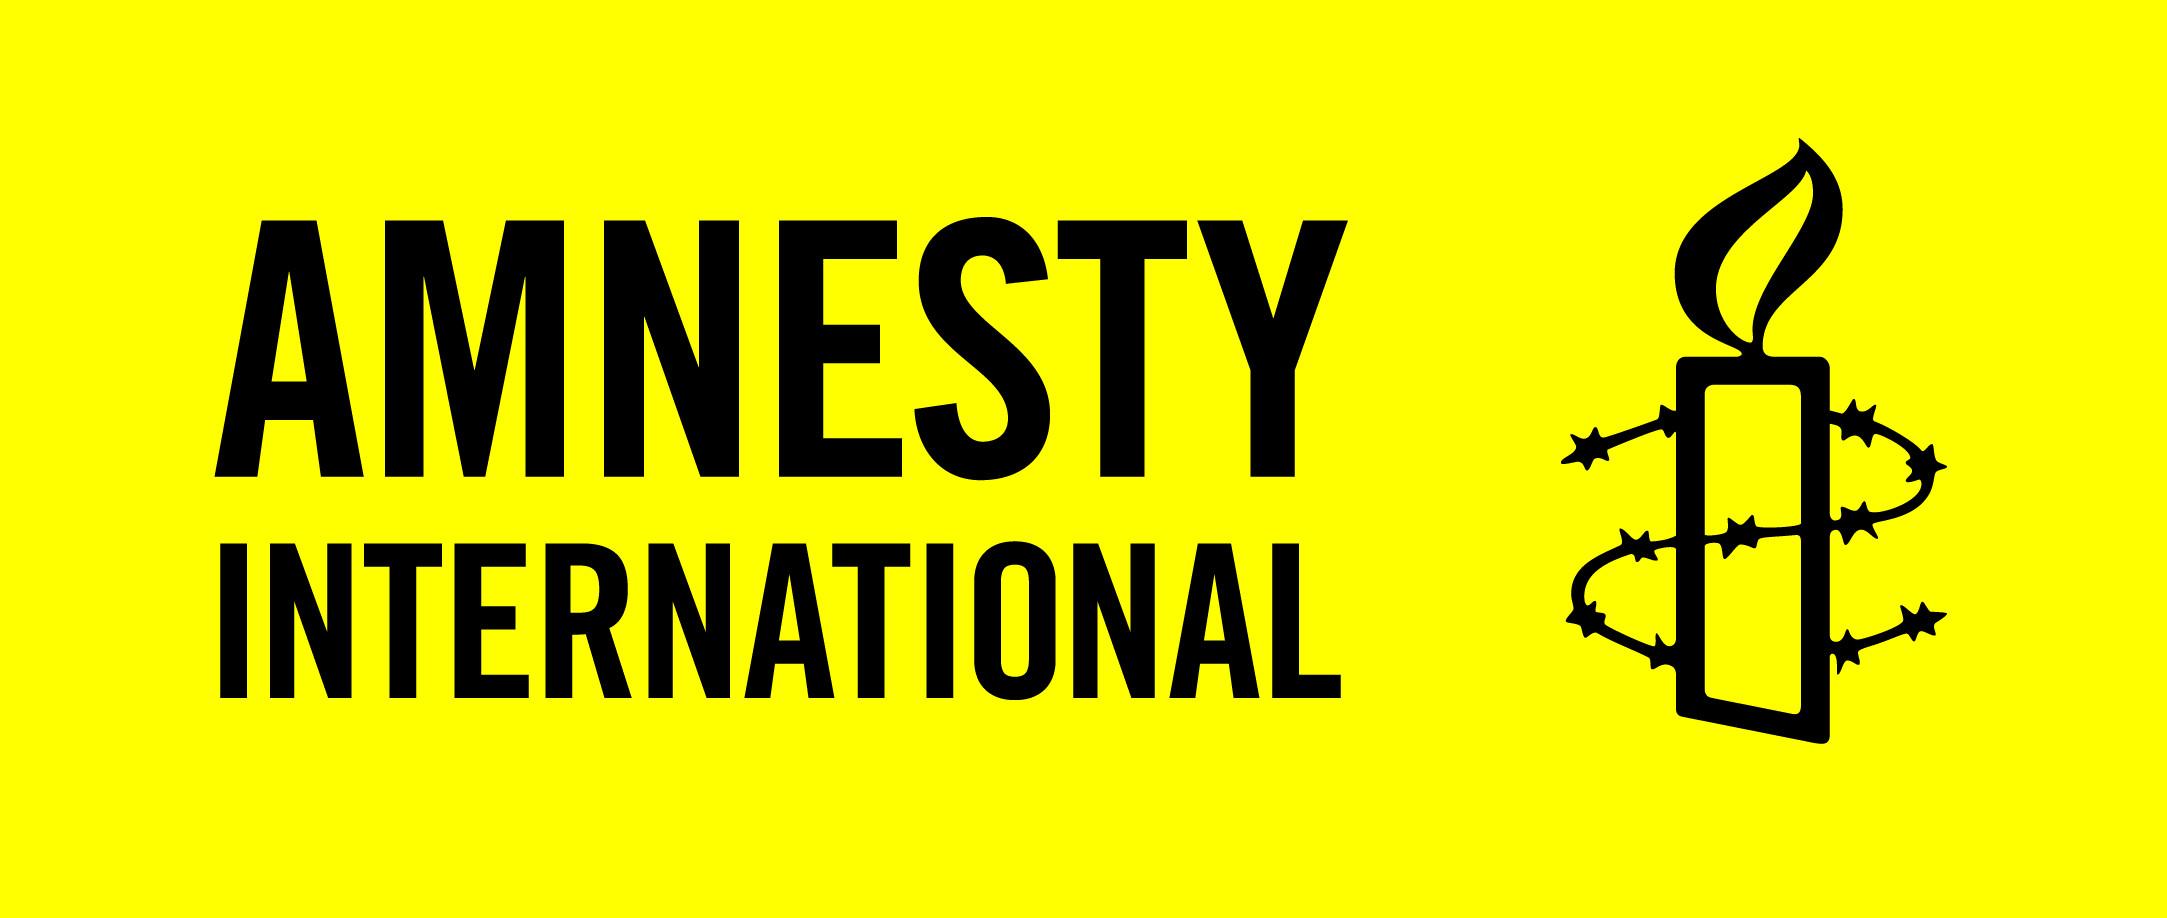 Amnesty International Logotype